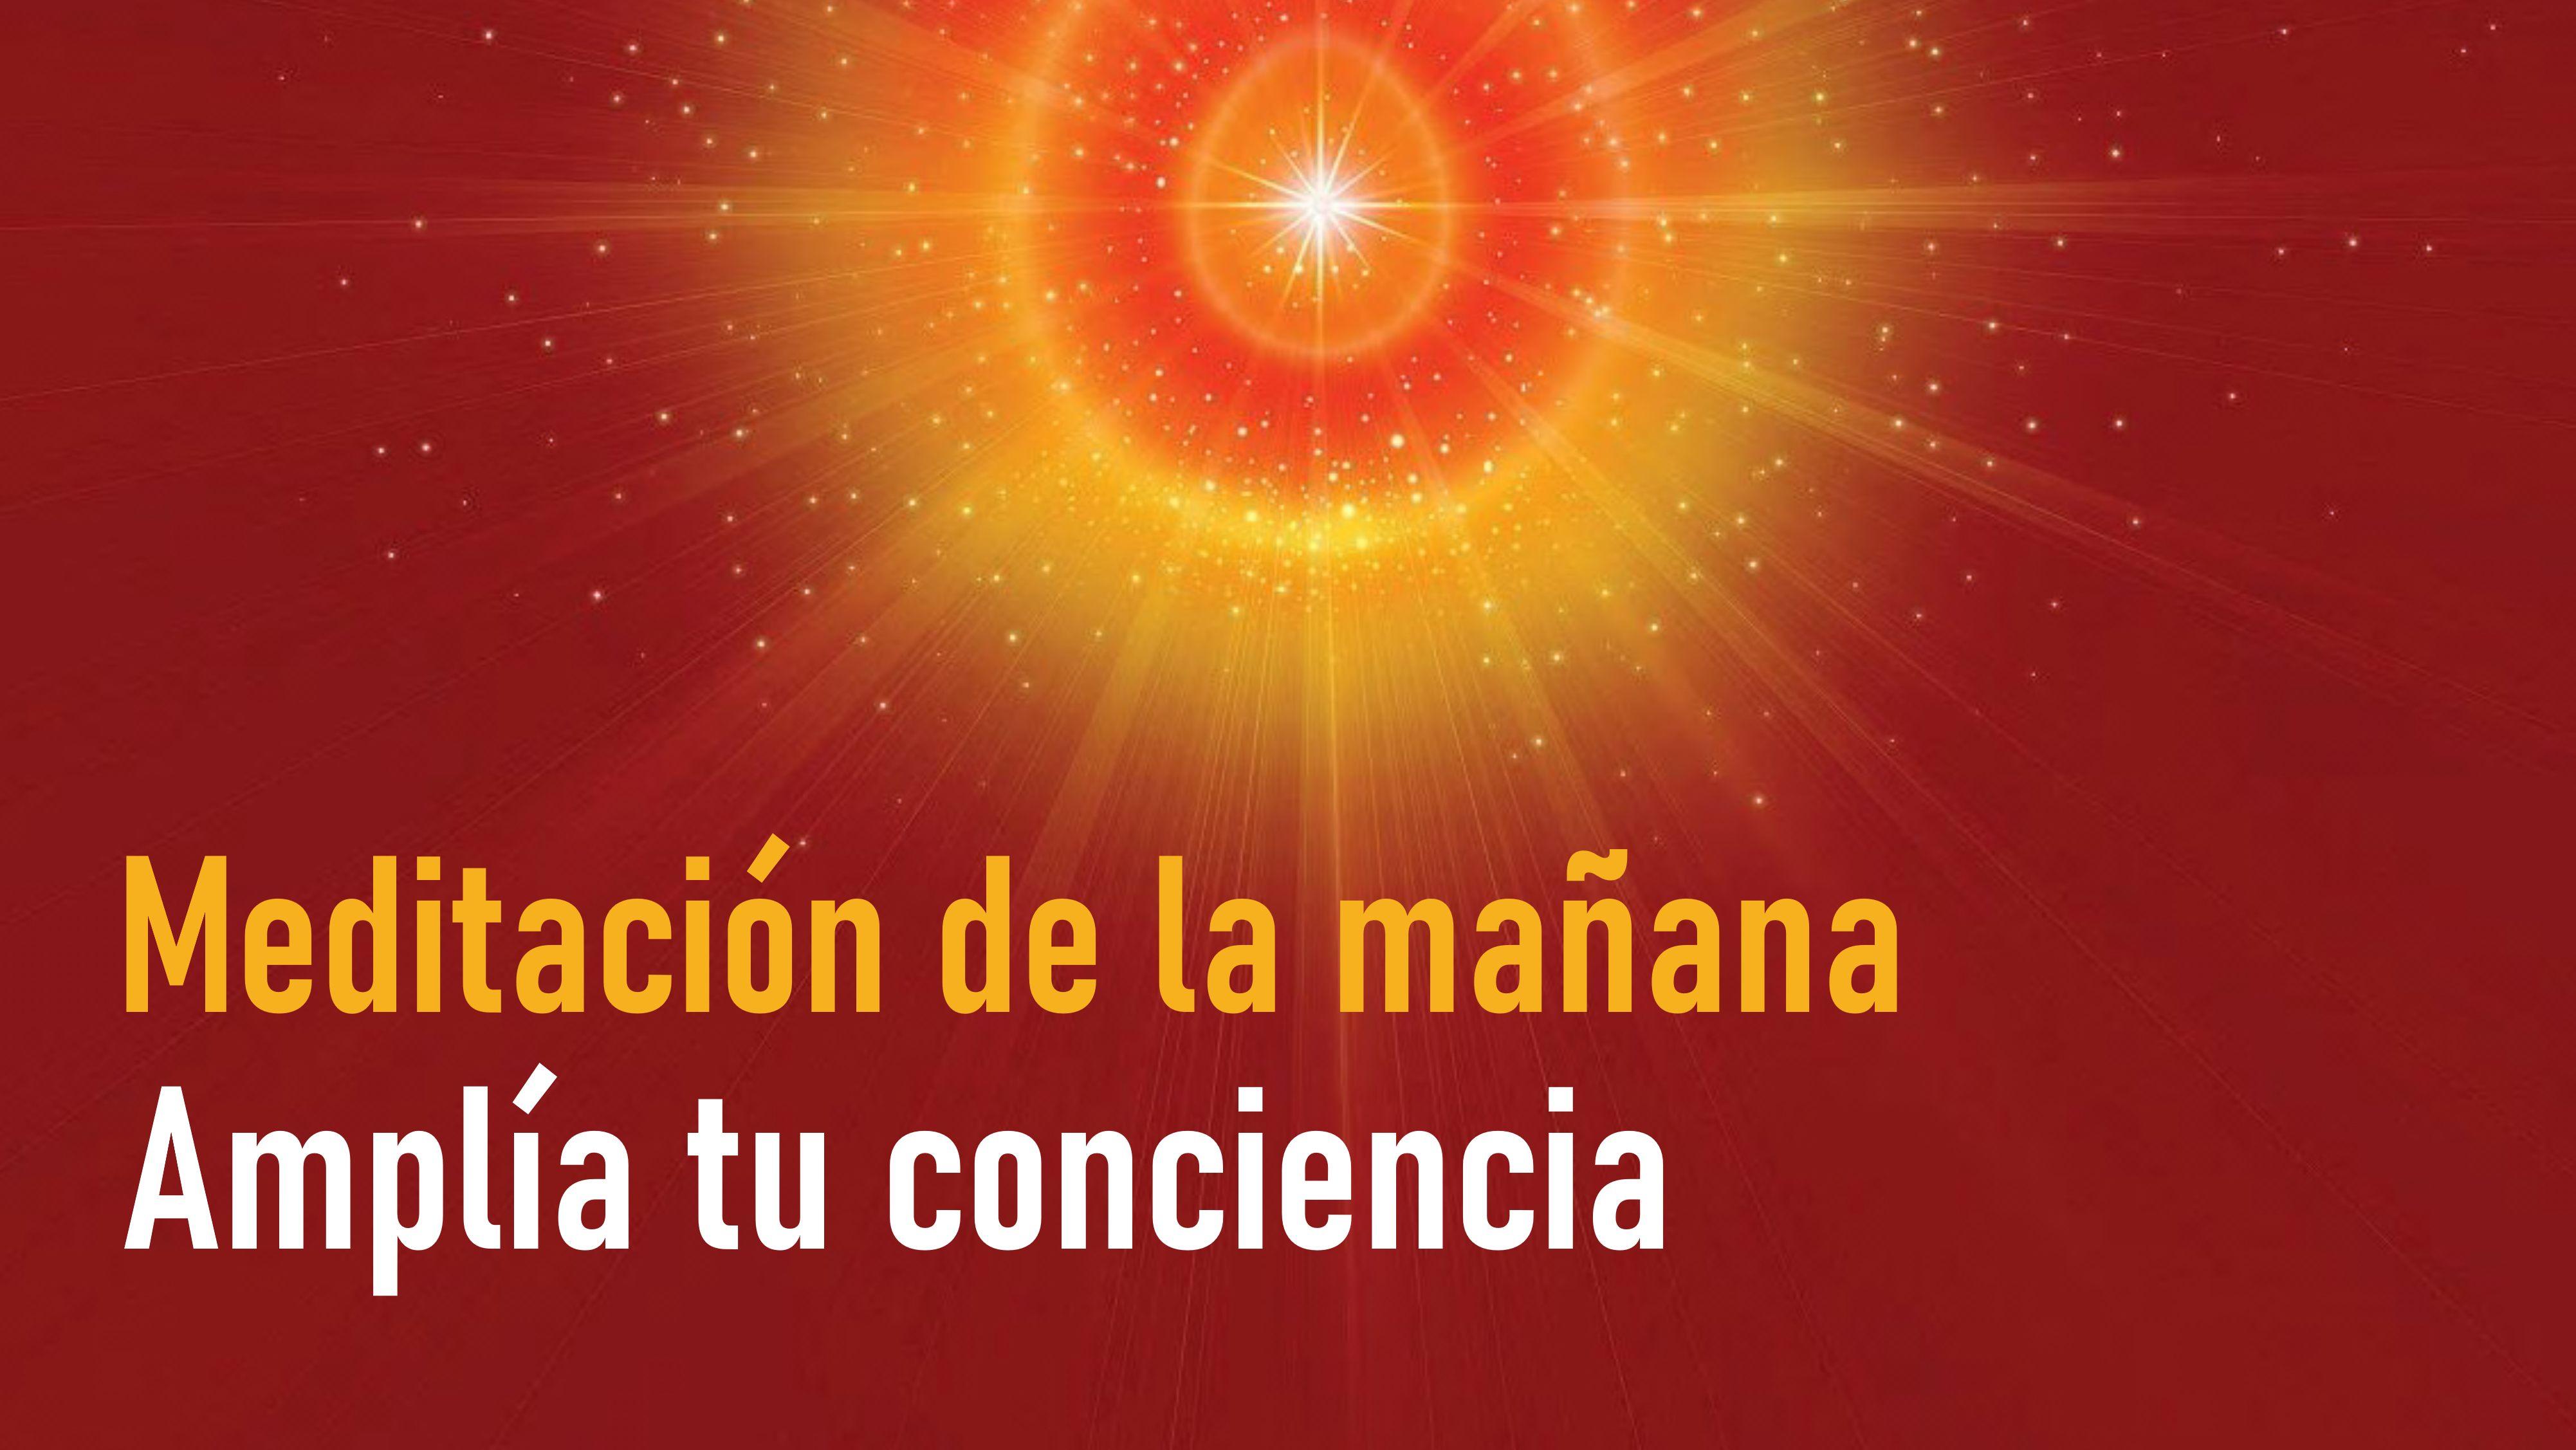 Meditación de la mañana: Amplía tu conciencia (14 Septiembre 2020)